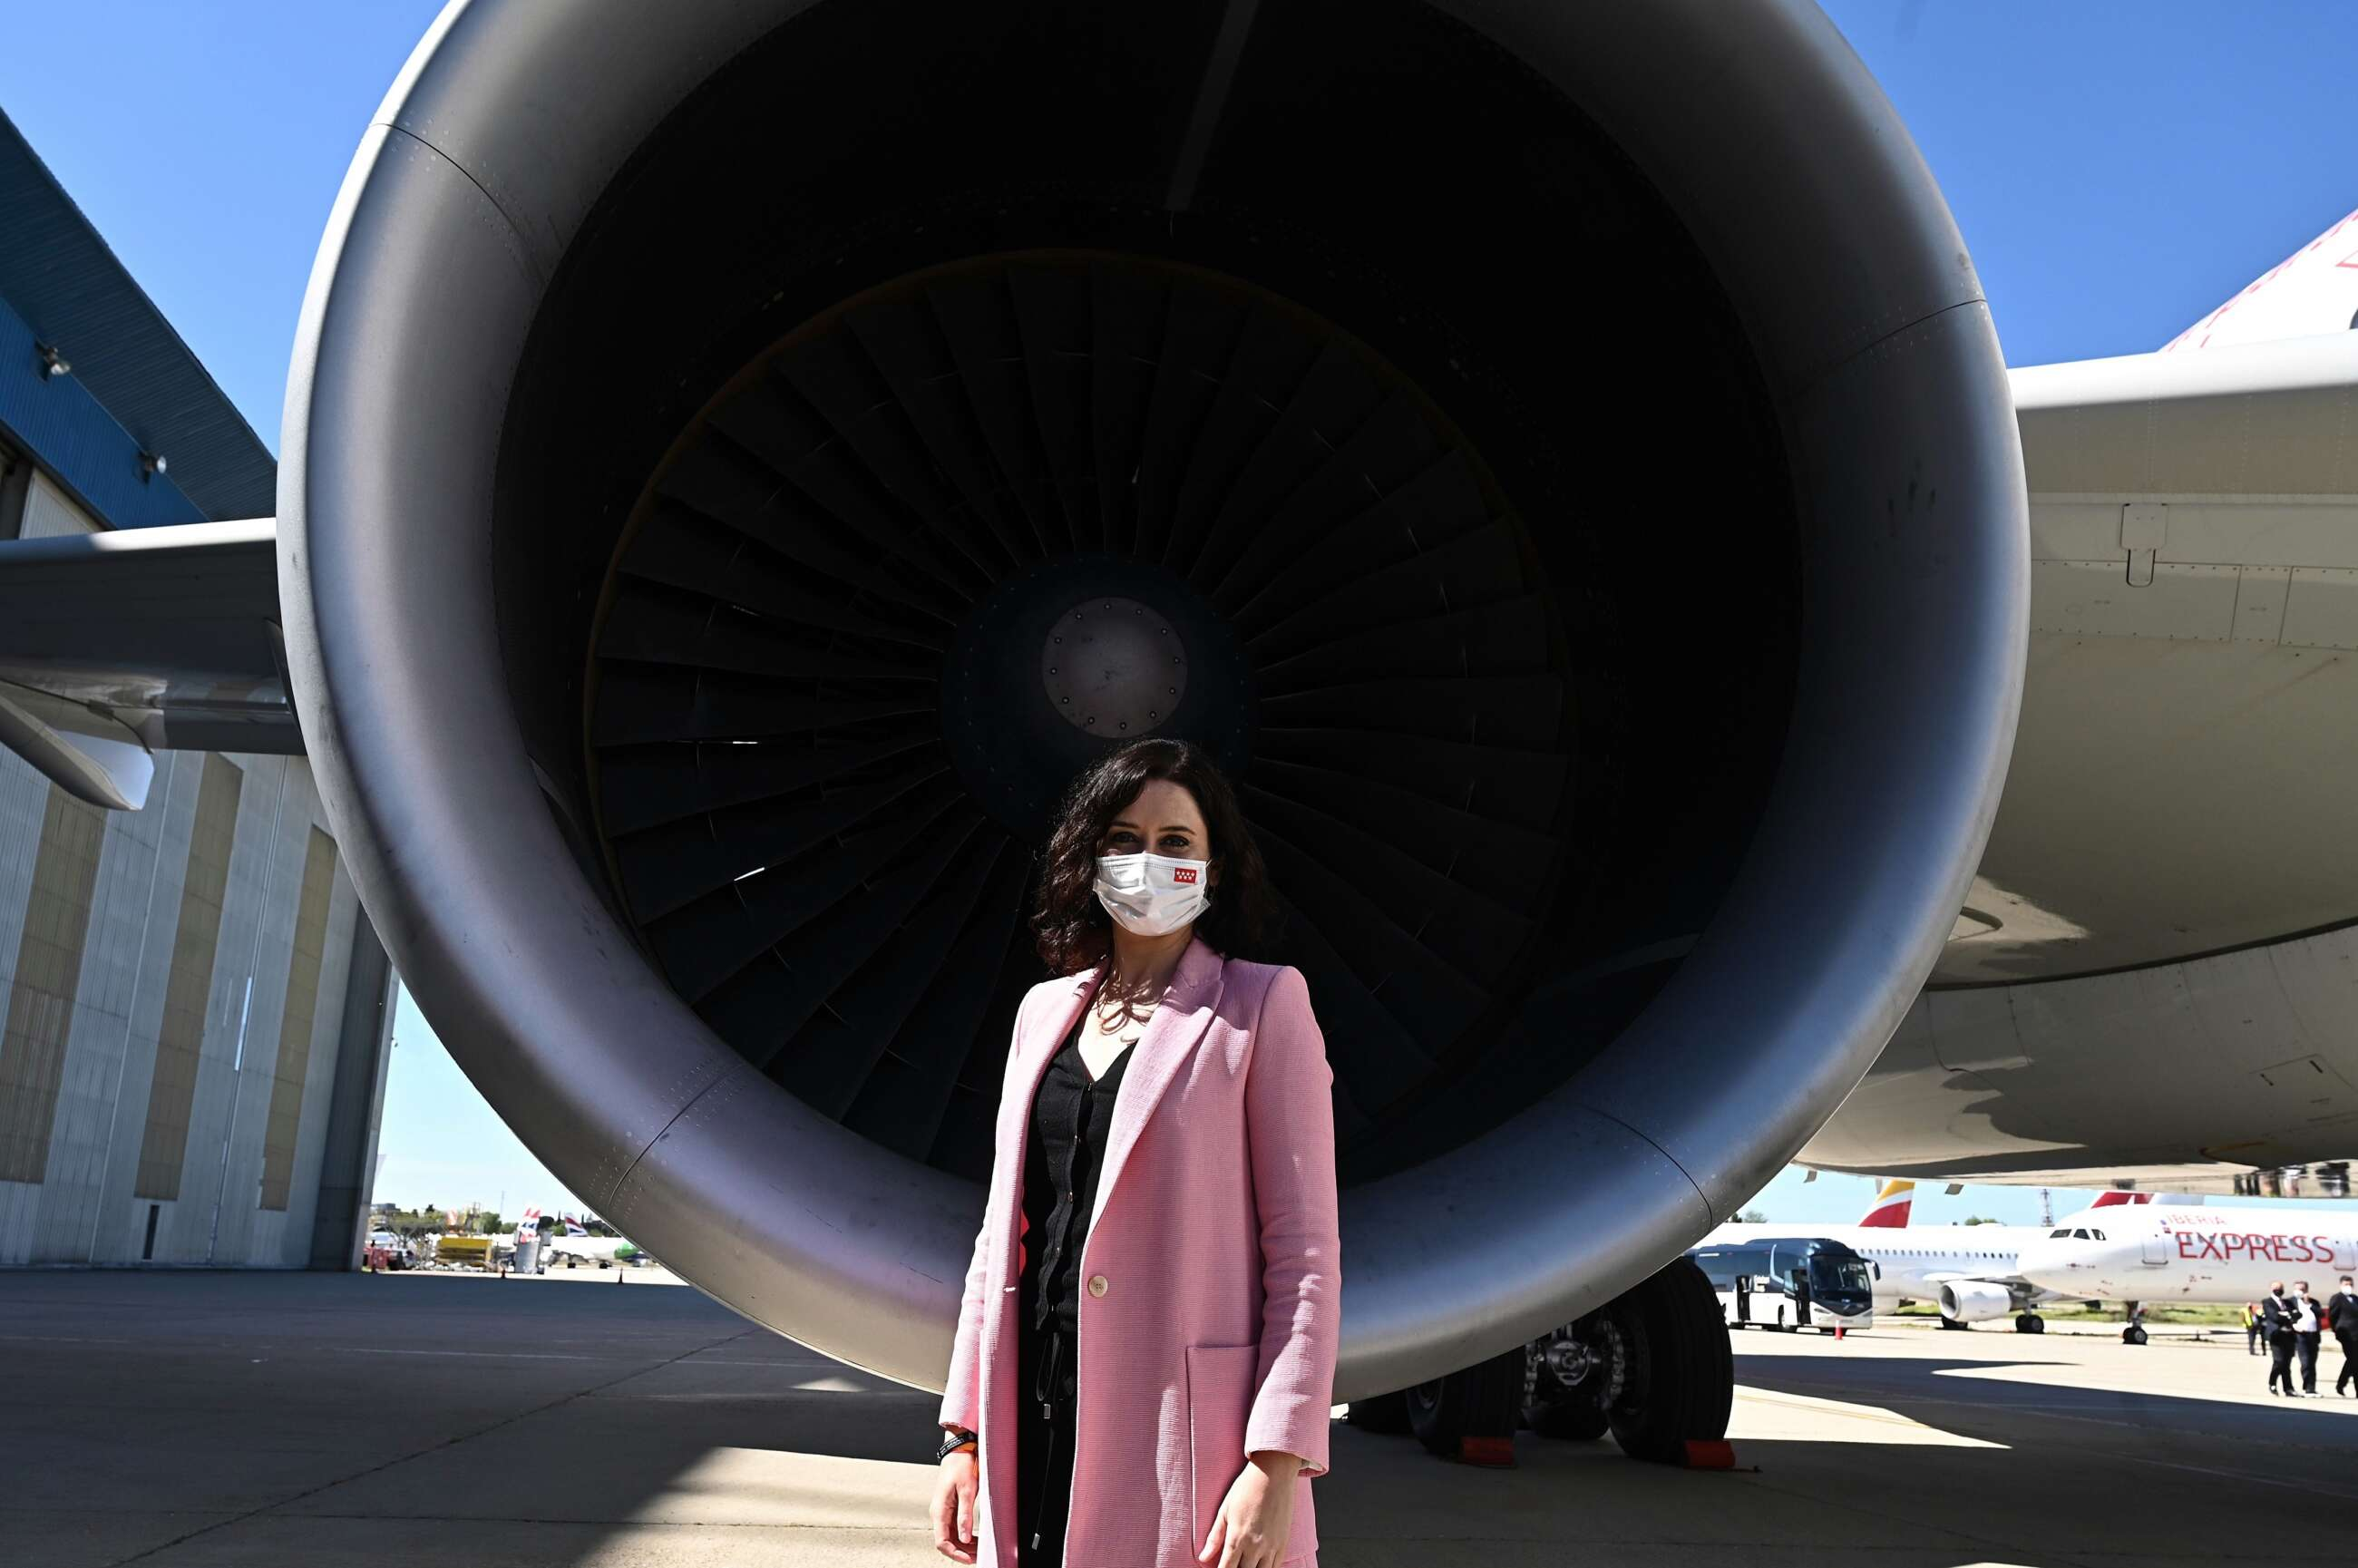 La presidenta de la Comunidad de Madrid, Isabel Díaz Ayuso, durante su visita a las instalaciones de Iberia en La Muñoza en Madrid este lunes donde se ha presentado un avión de la compañía con la imagen de la Comunidad de Madrid. EFE/ Fernando Villar